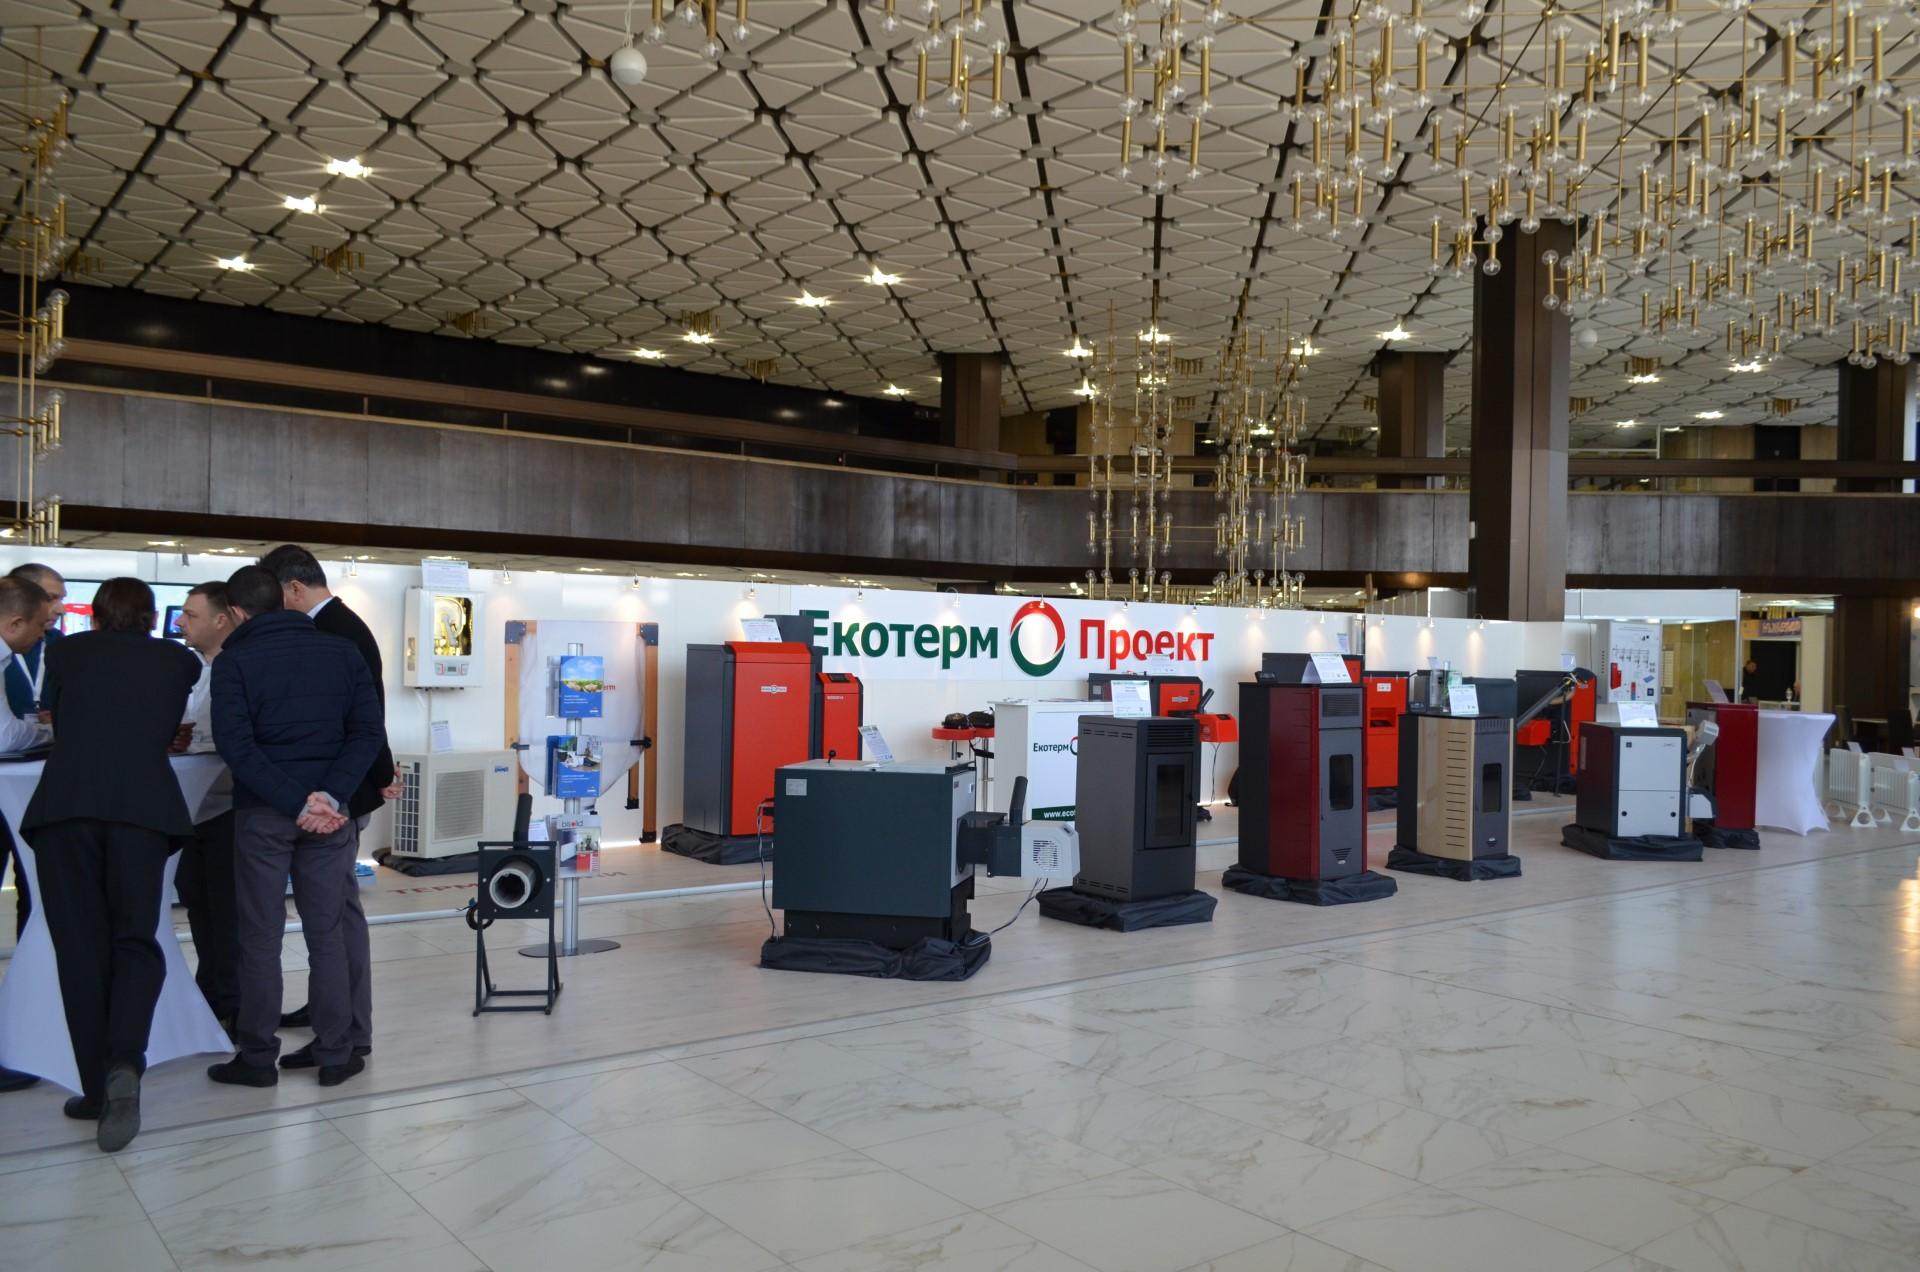 OTKRIVANE STOIKO EXPO 2019f